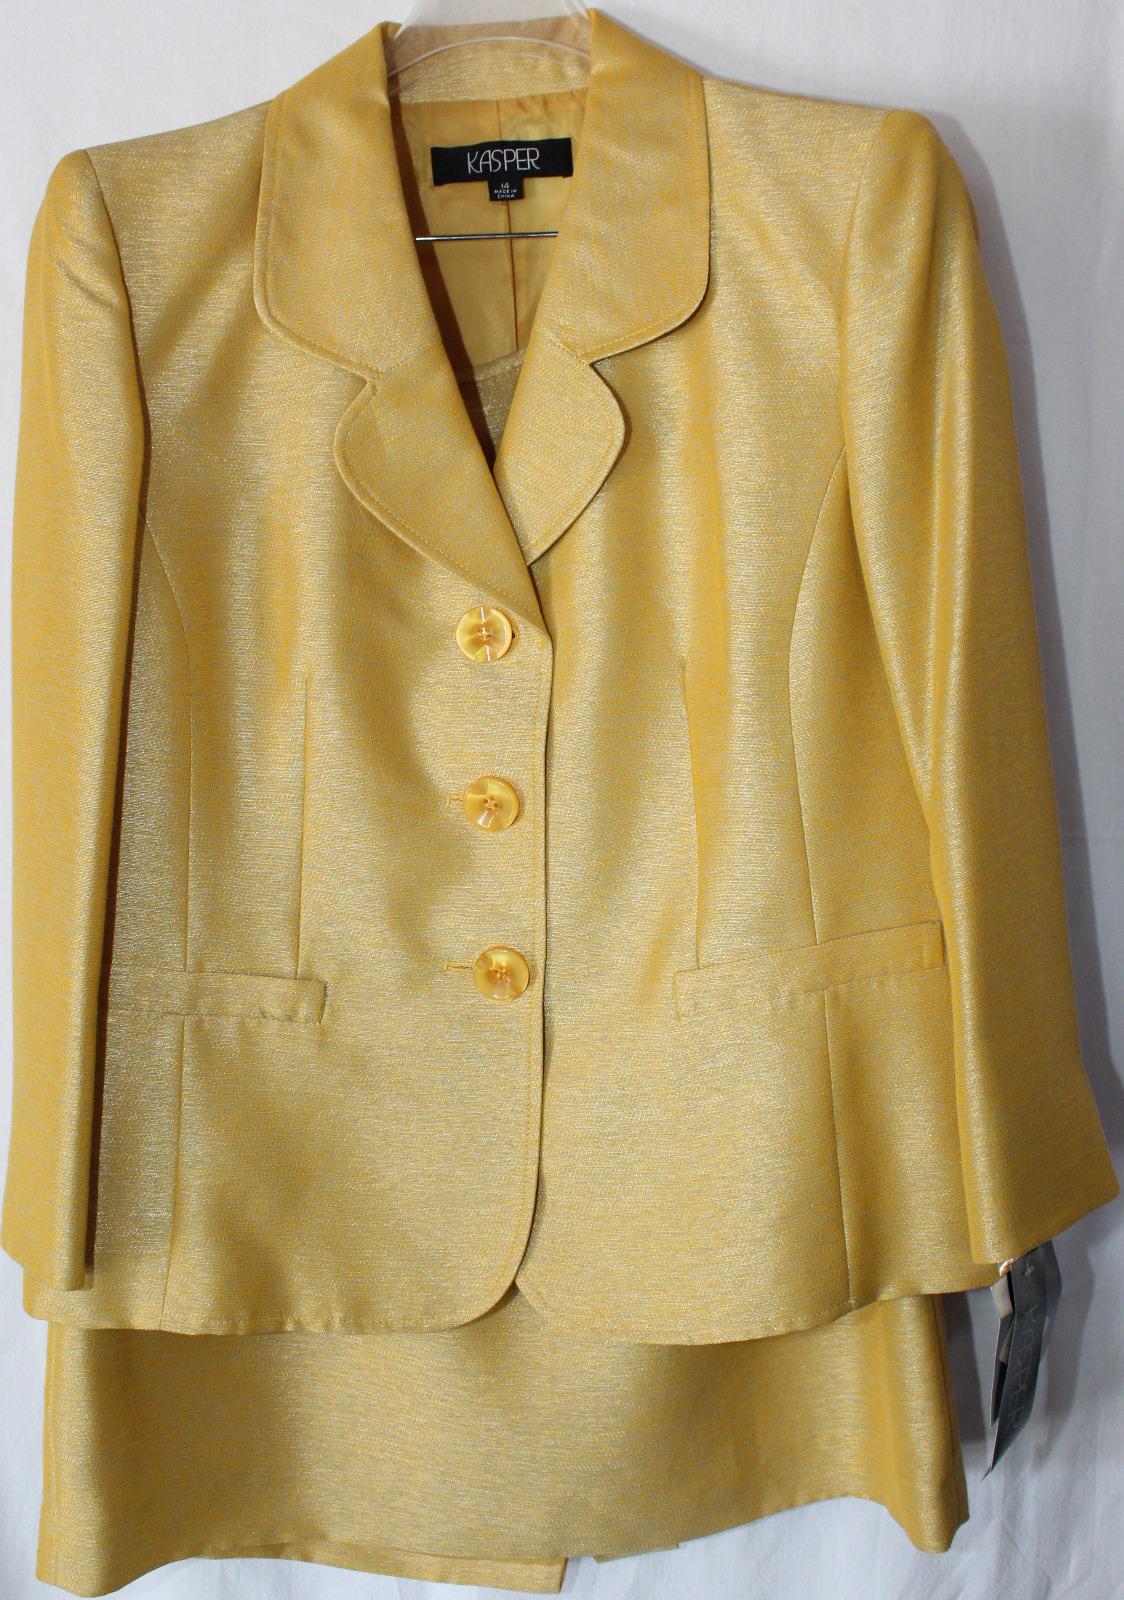 Gold Kasper Suit (size 14)